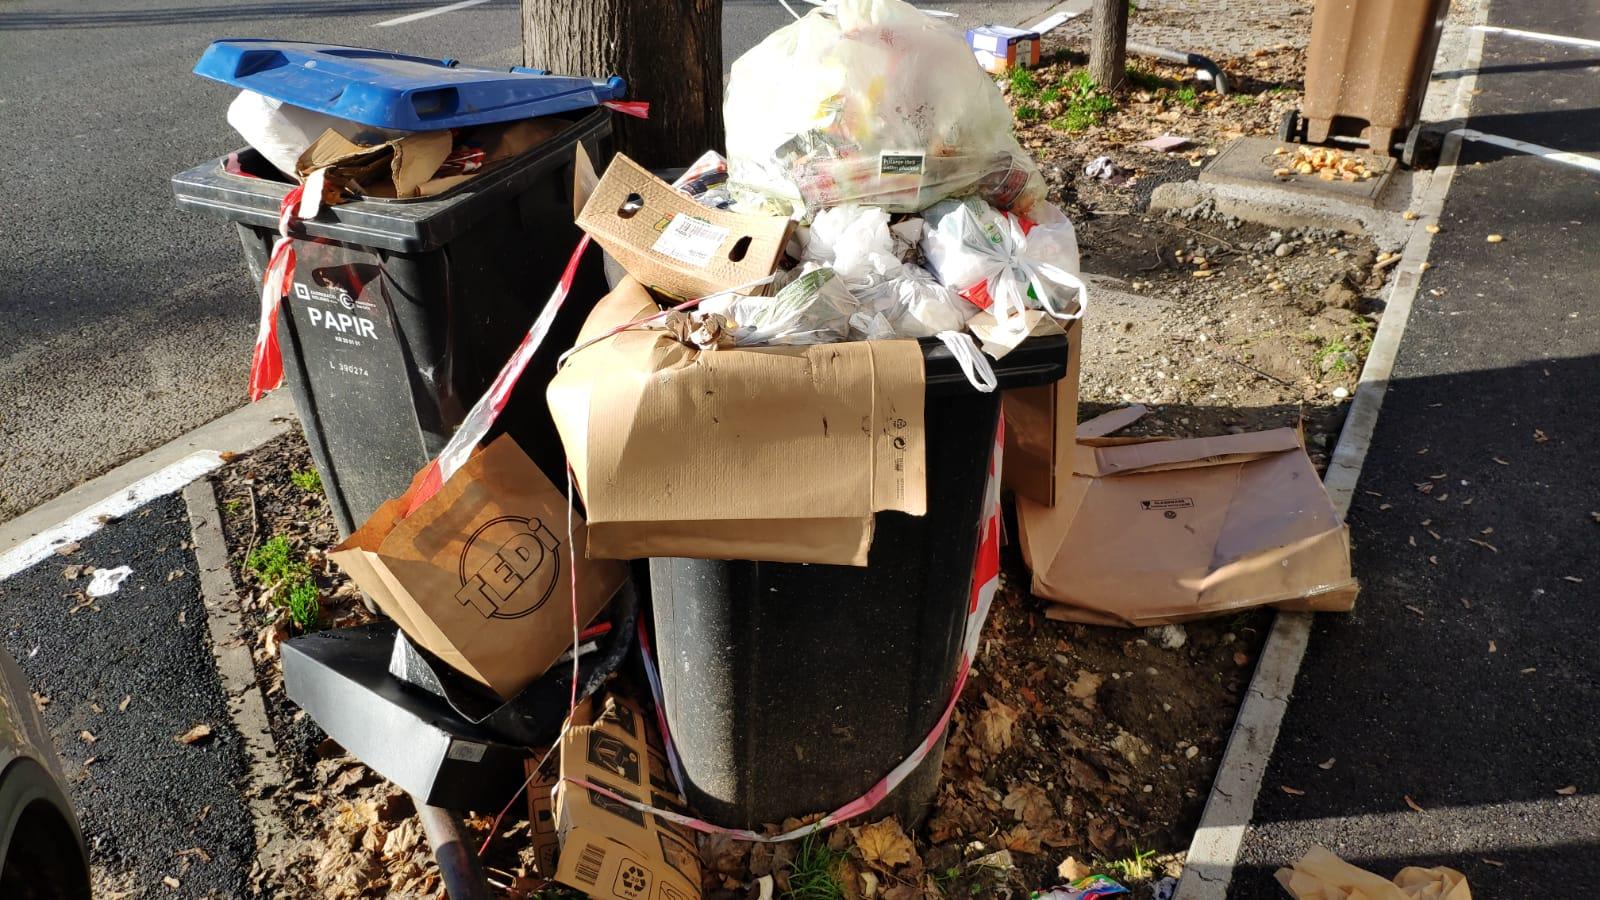 Kante za papir u Jagićevoj ulici pune su i komunalnog otpada